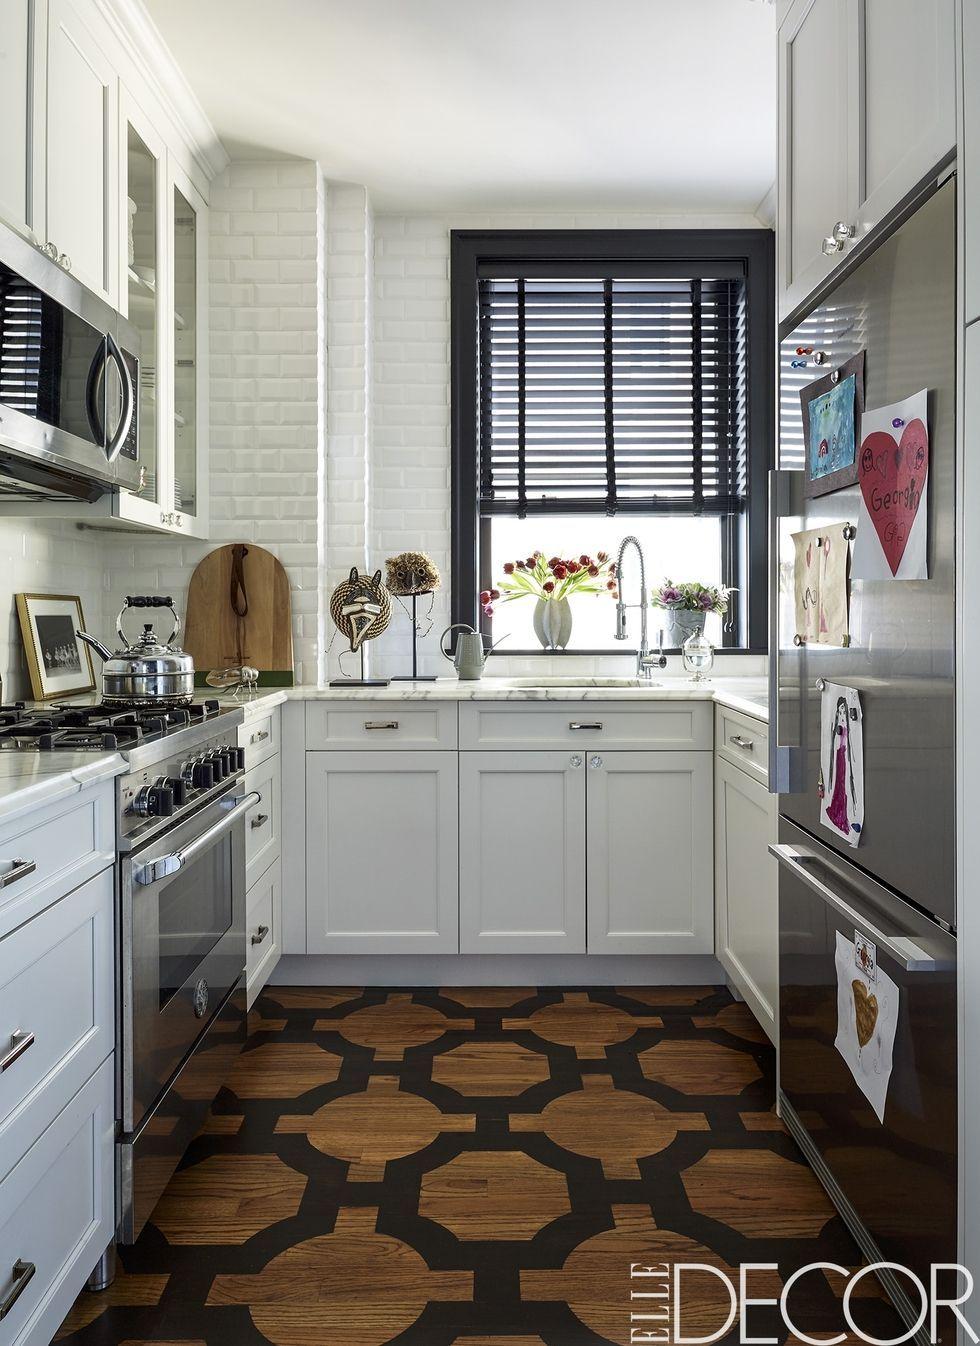 40 best white kitchen ideas - photos of modern white kitchen designs